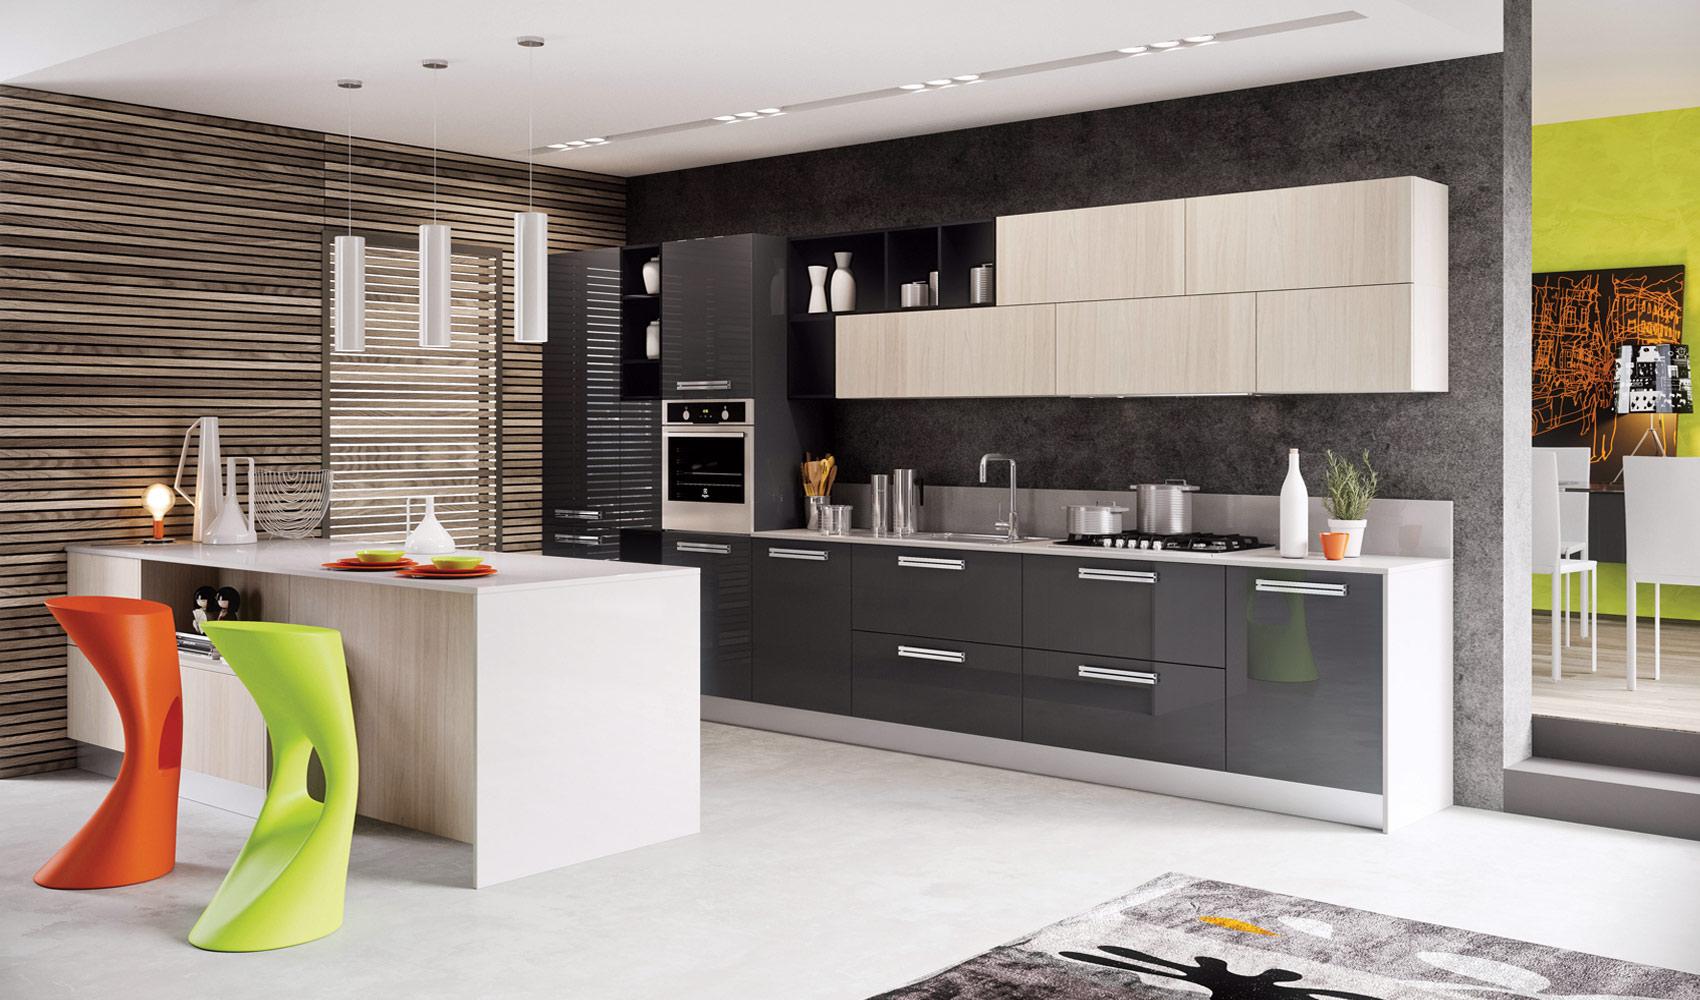 Best Kitchen Gallery: Modern Kitchens 2014 3 Modern Kitchens 2014 Weup Co of Interior Design Kitchen Colors  on rachelxblog.com